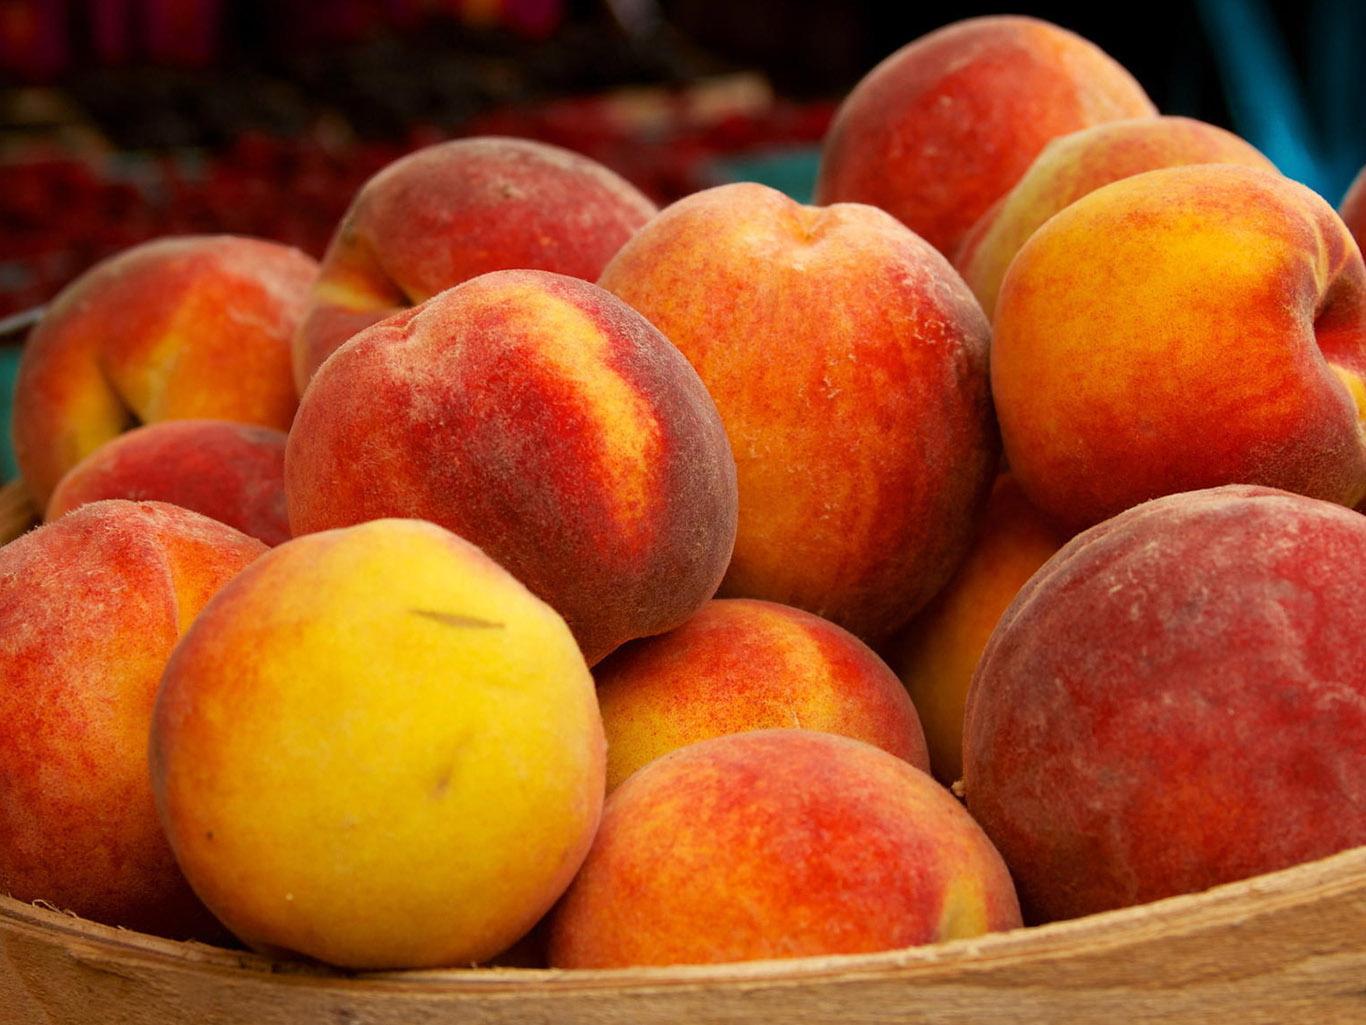 Персик: как выглядит, как и где растет, как цветет персиковое дерево